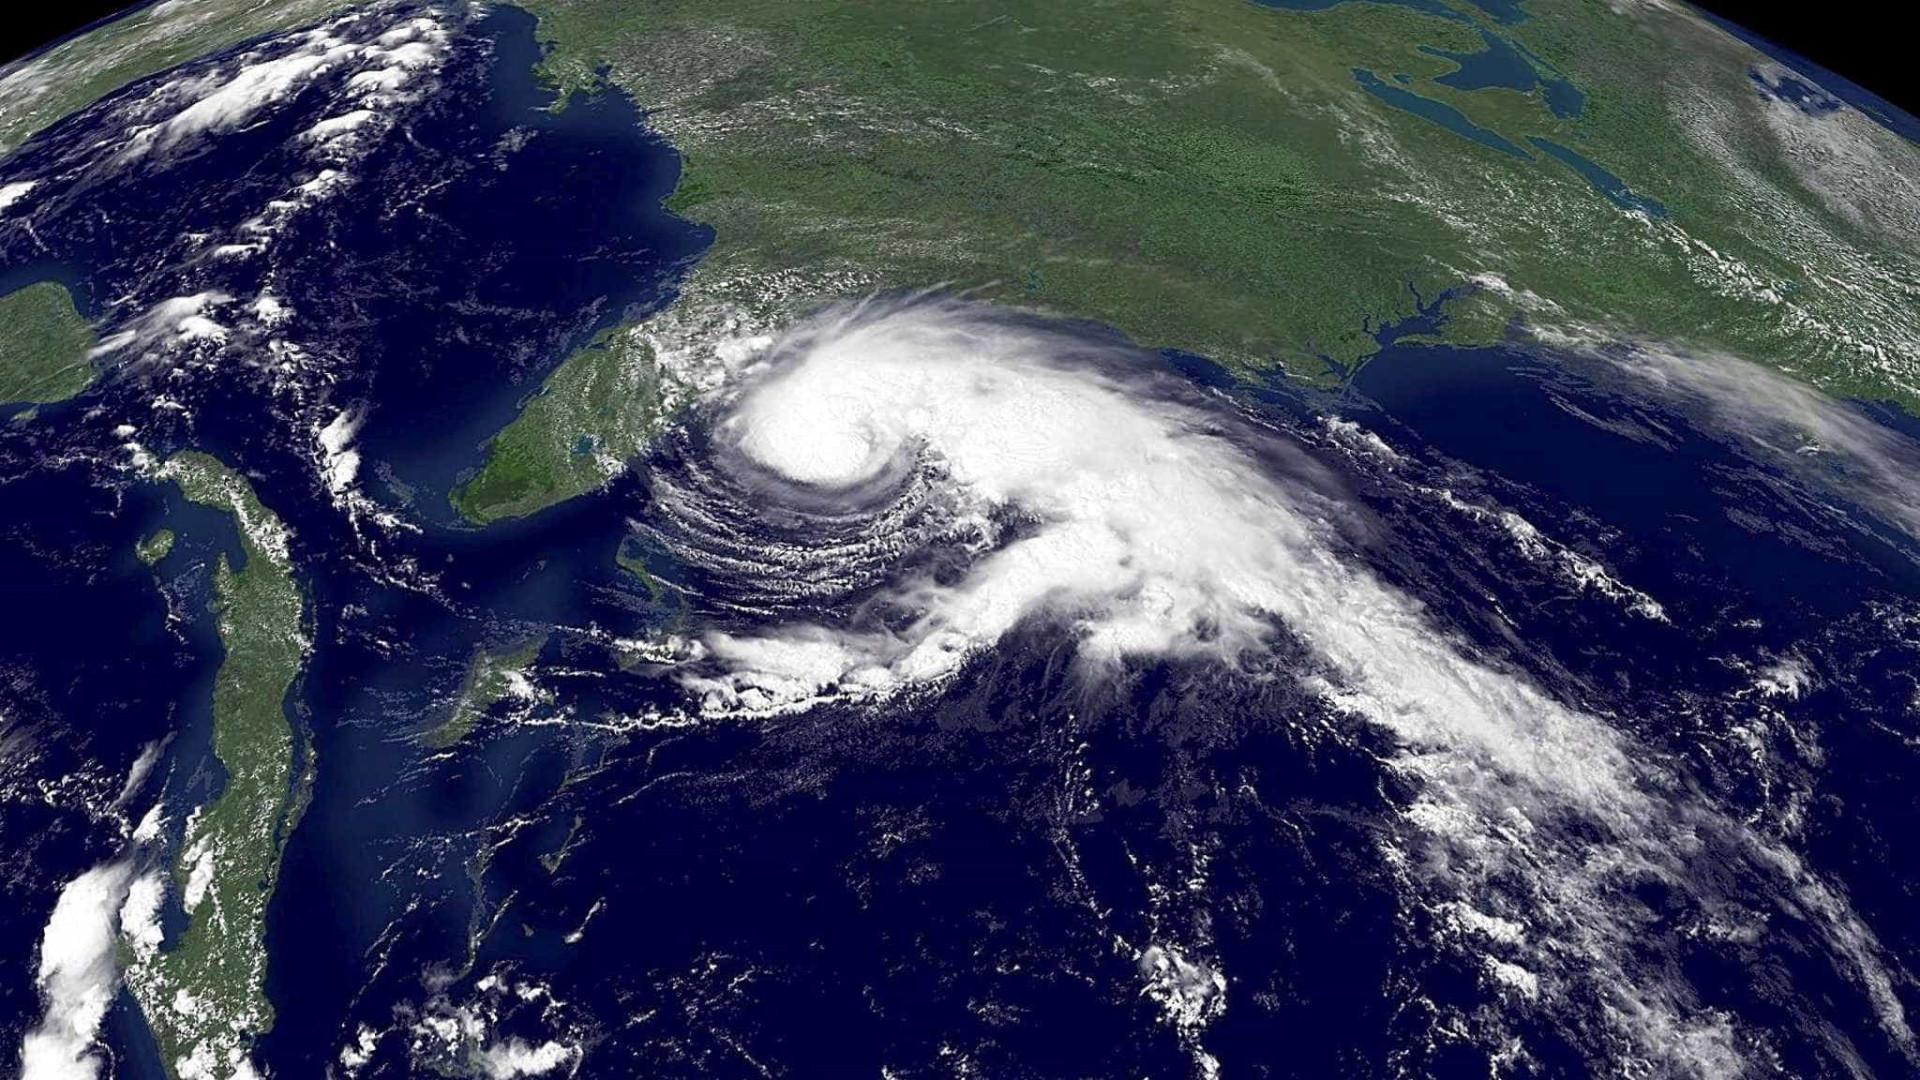 Furacão Ophelia com rajadas de vento de 185 quilómetros/hora